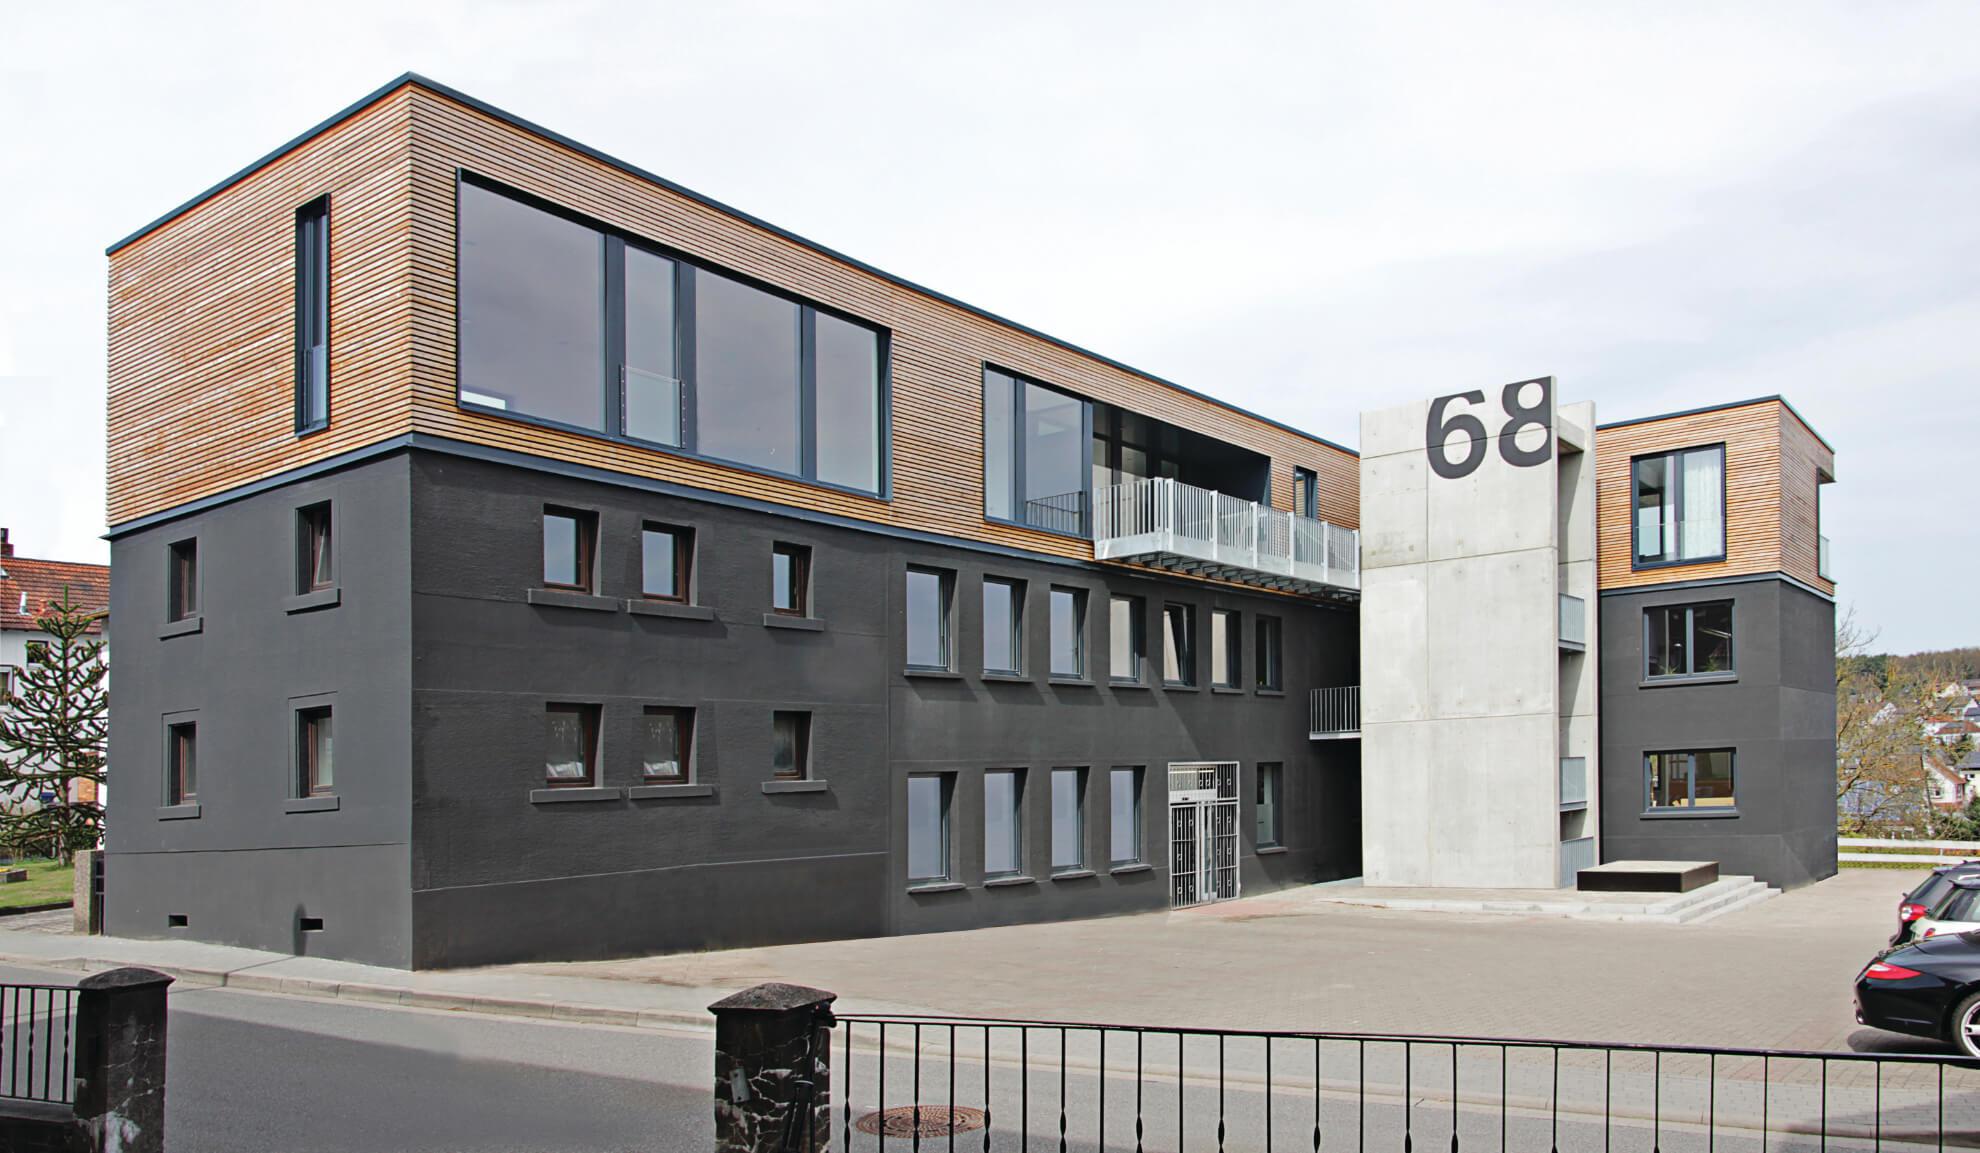 TS68-01-marcbetz architekten